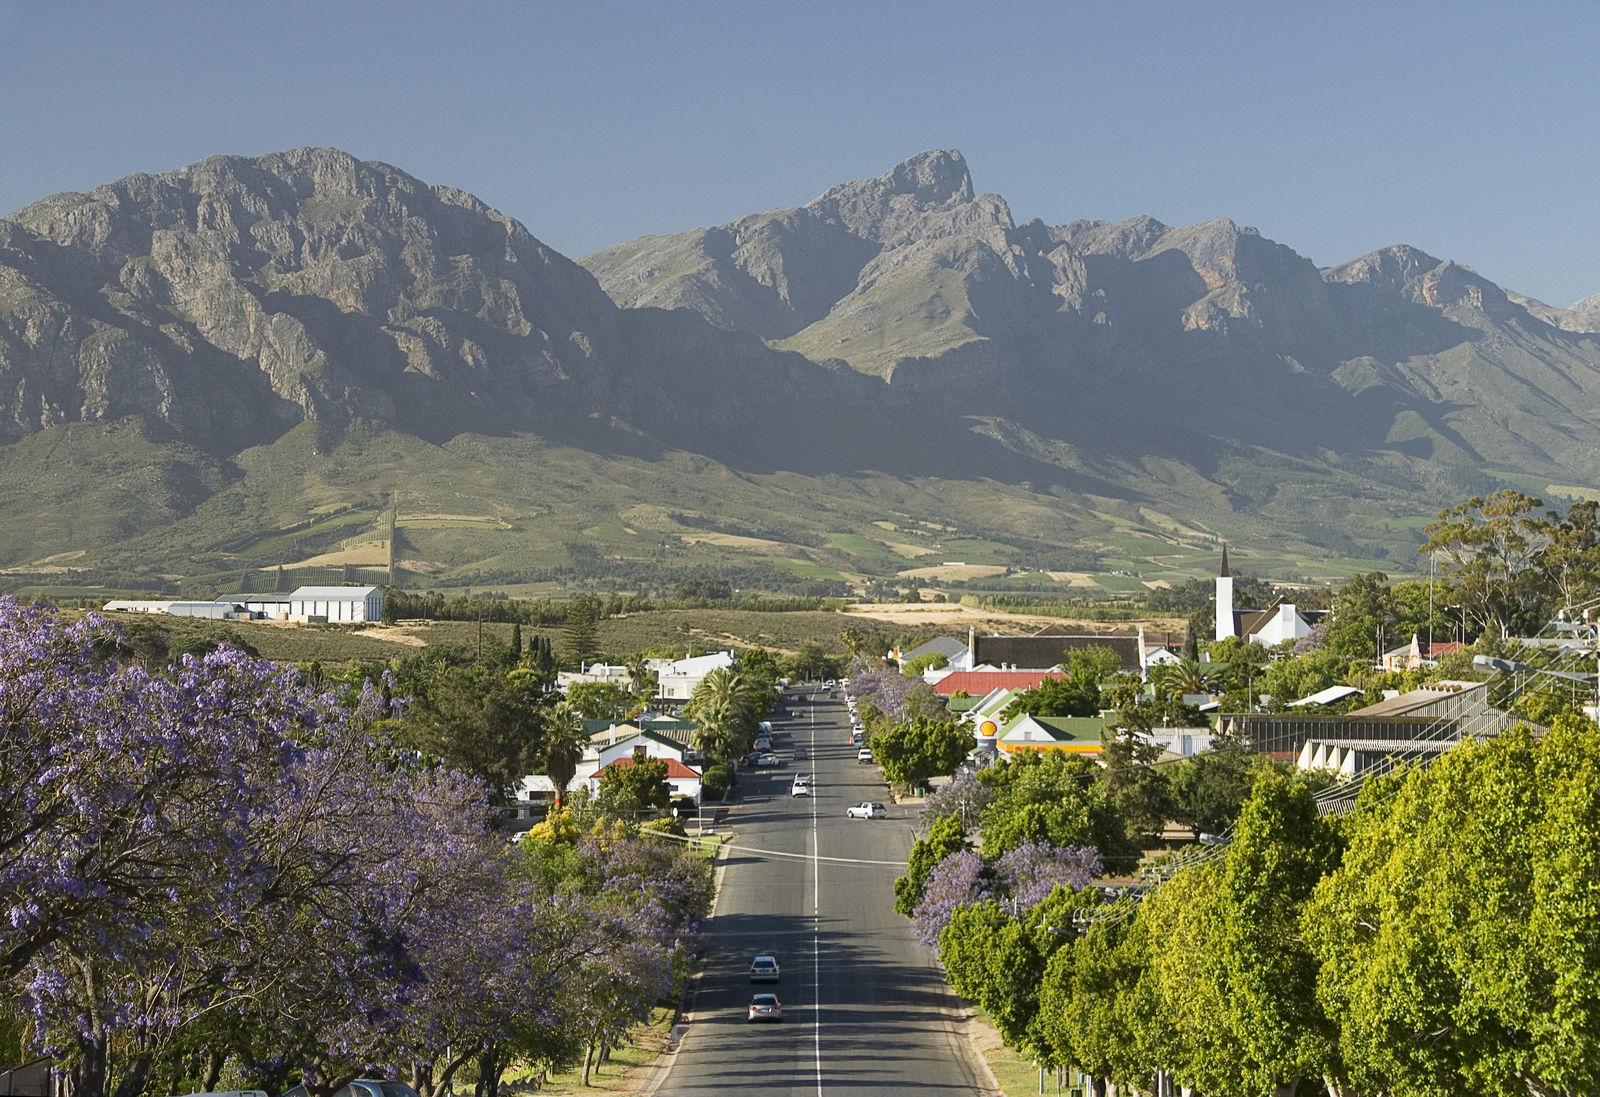 De Tuinroute in Zuid-Afrika wereldberoemd | AmbianceTravel